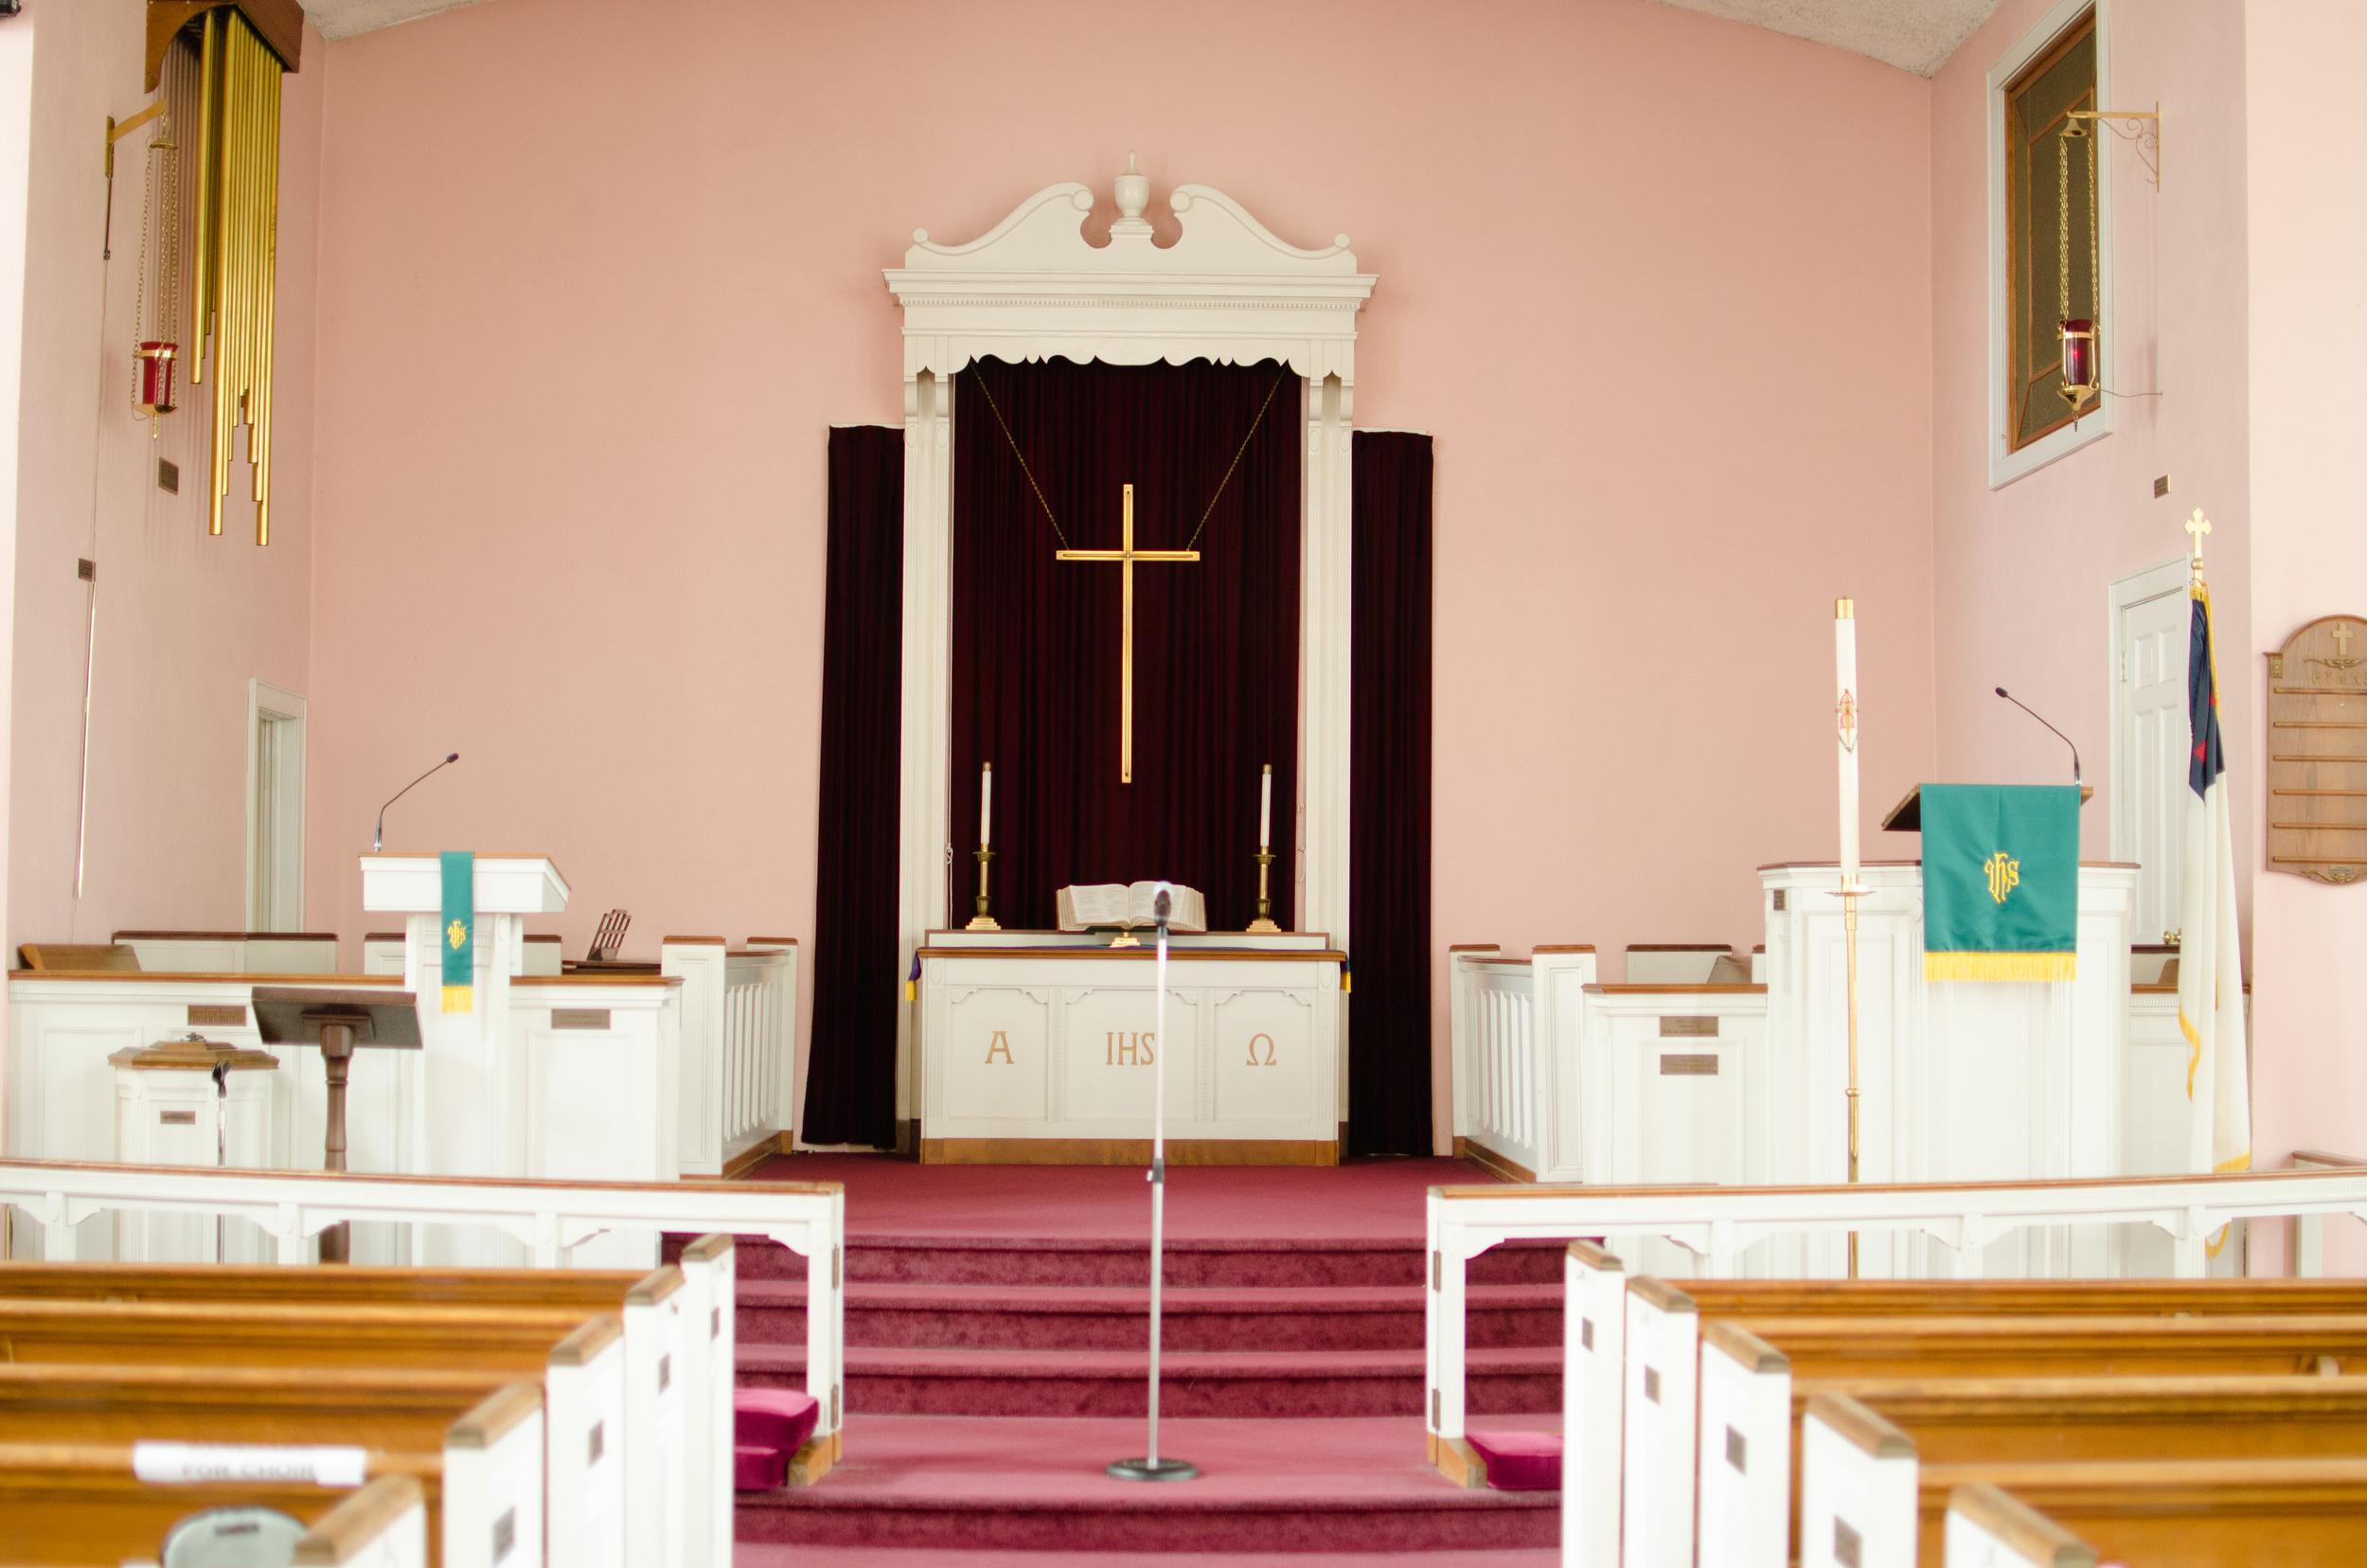 Woodbridge Methodist Church, NJ